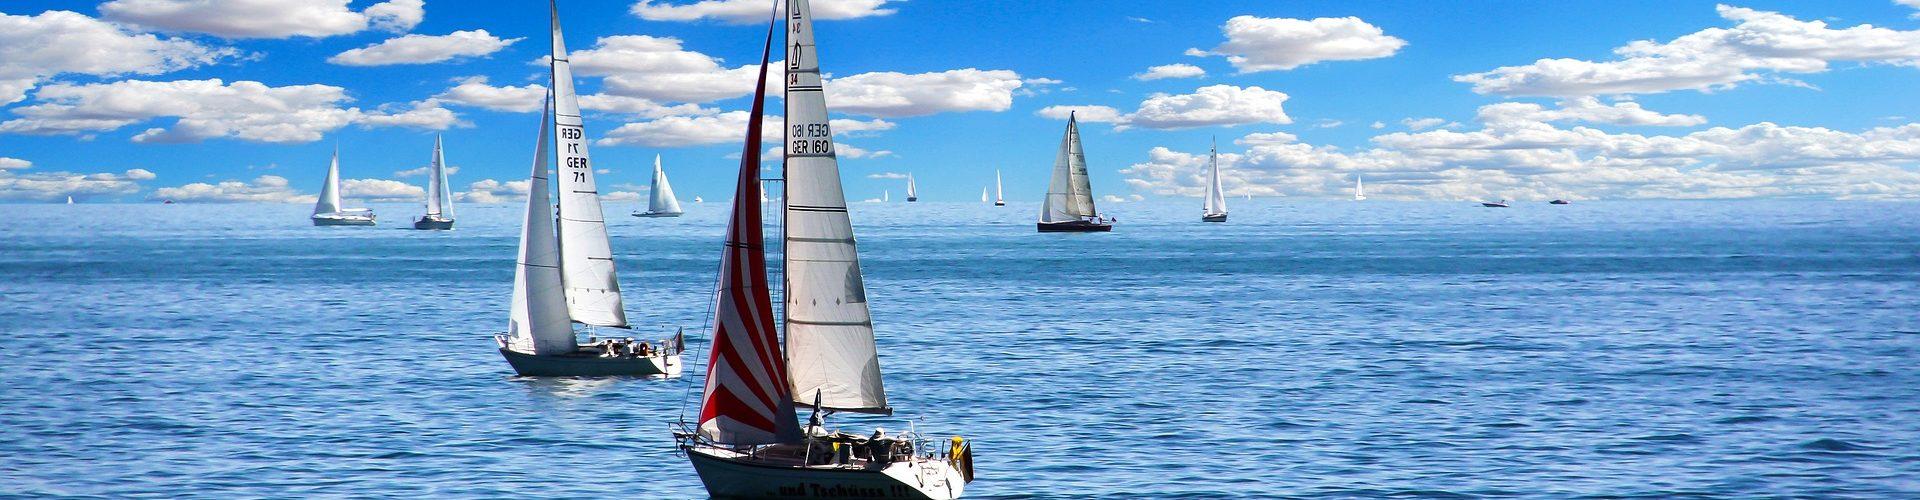 segeln lernen in Gera segelschein machen in Gera 1920x500 - Segeln lernen in Gera